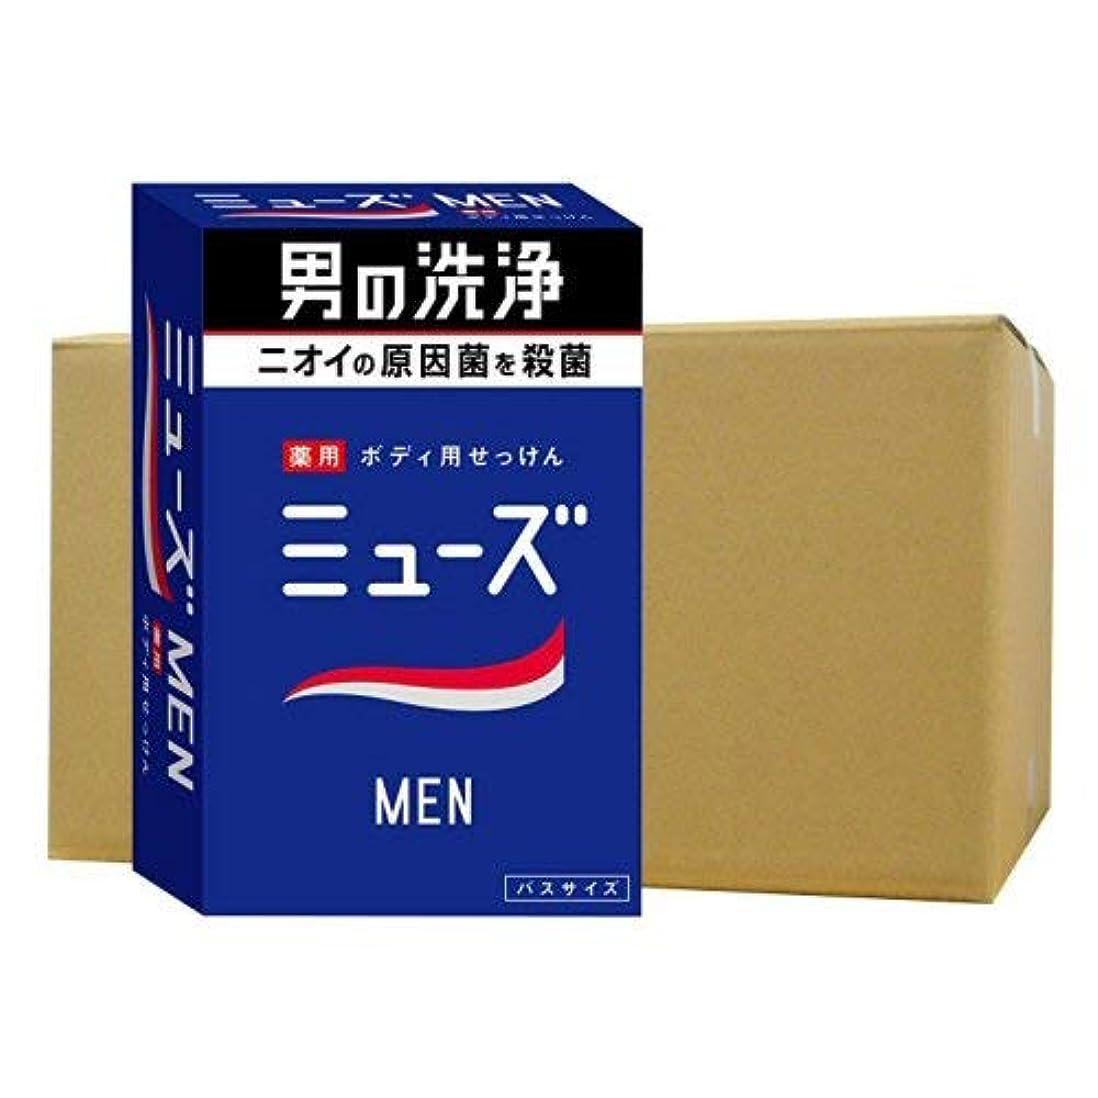 ヤング事実良心的ミューズメン薬用石鹸 135g×24個セット